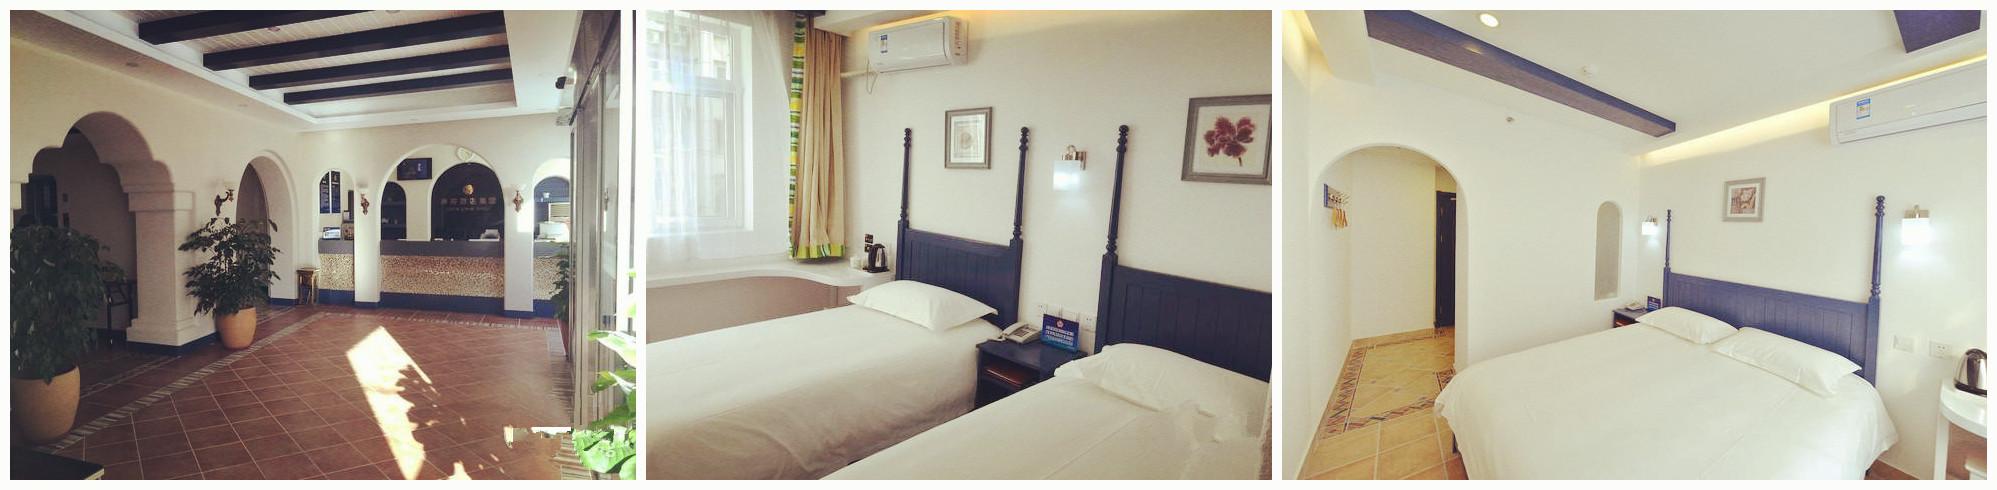 ShenZhou Business&Travel Hotel